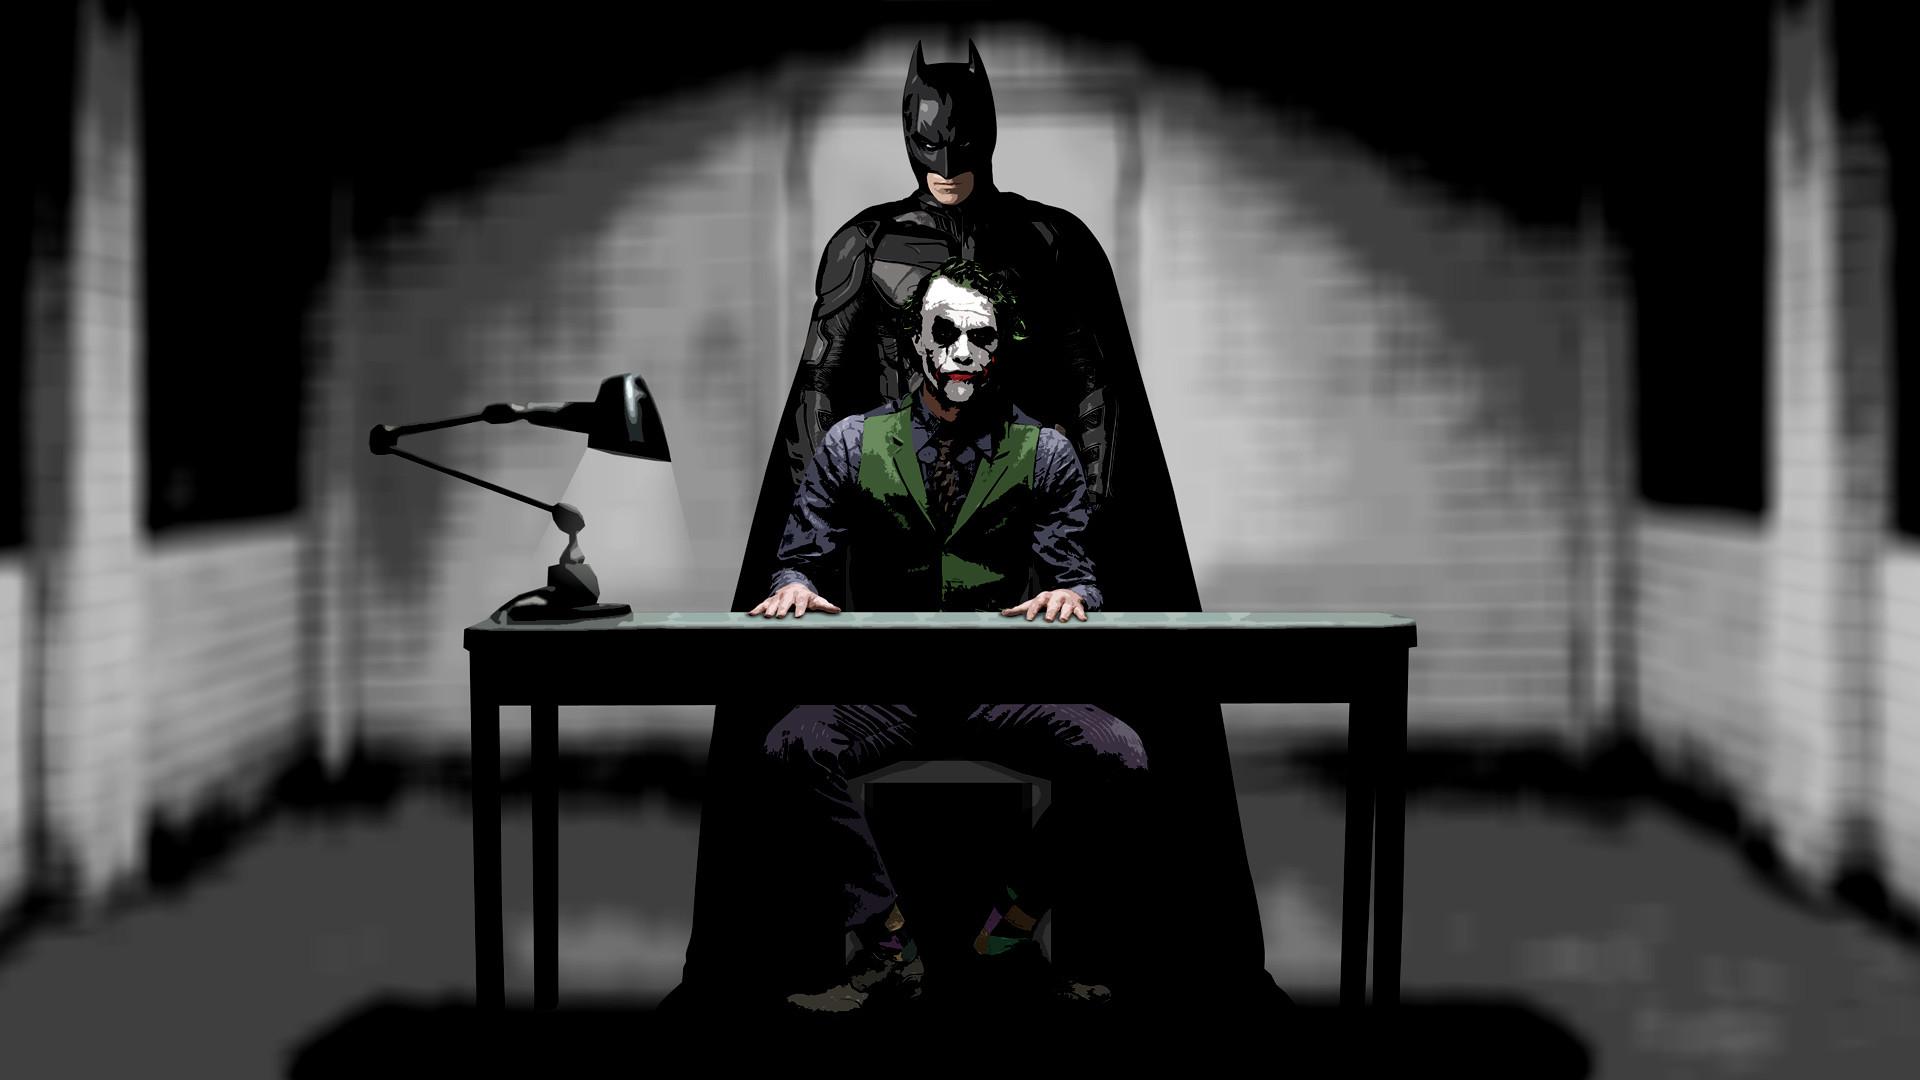 batman wallpaper 1080p, fondo de pantalla de batman